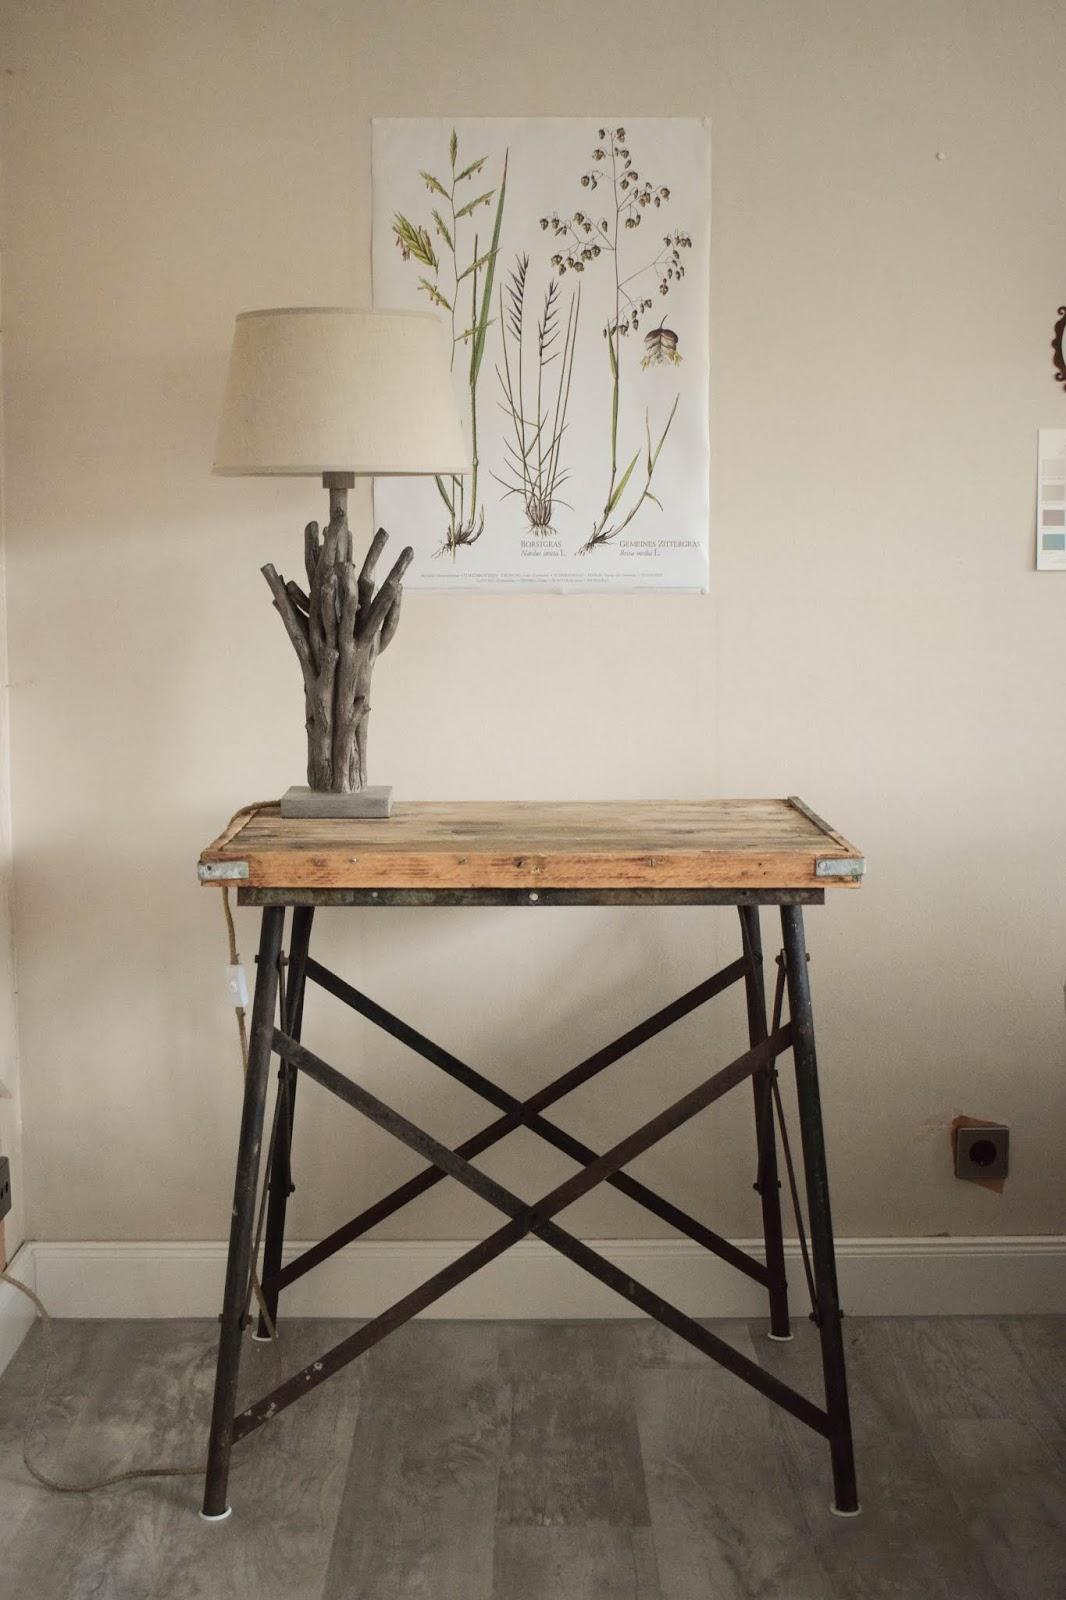 Deko Herbst für Konsole und Sideboard. Herbstdeko Dekoidee Wohnzimmer Dekoration botanisch natuerlich dekorieren selbermachen